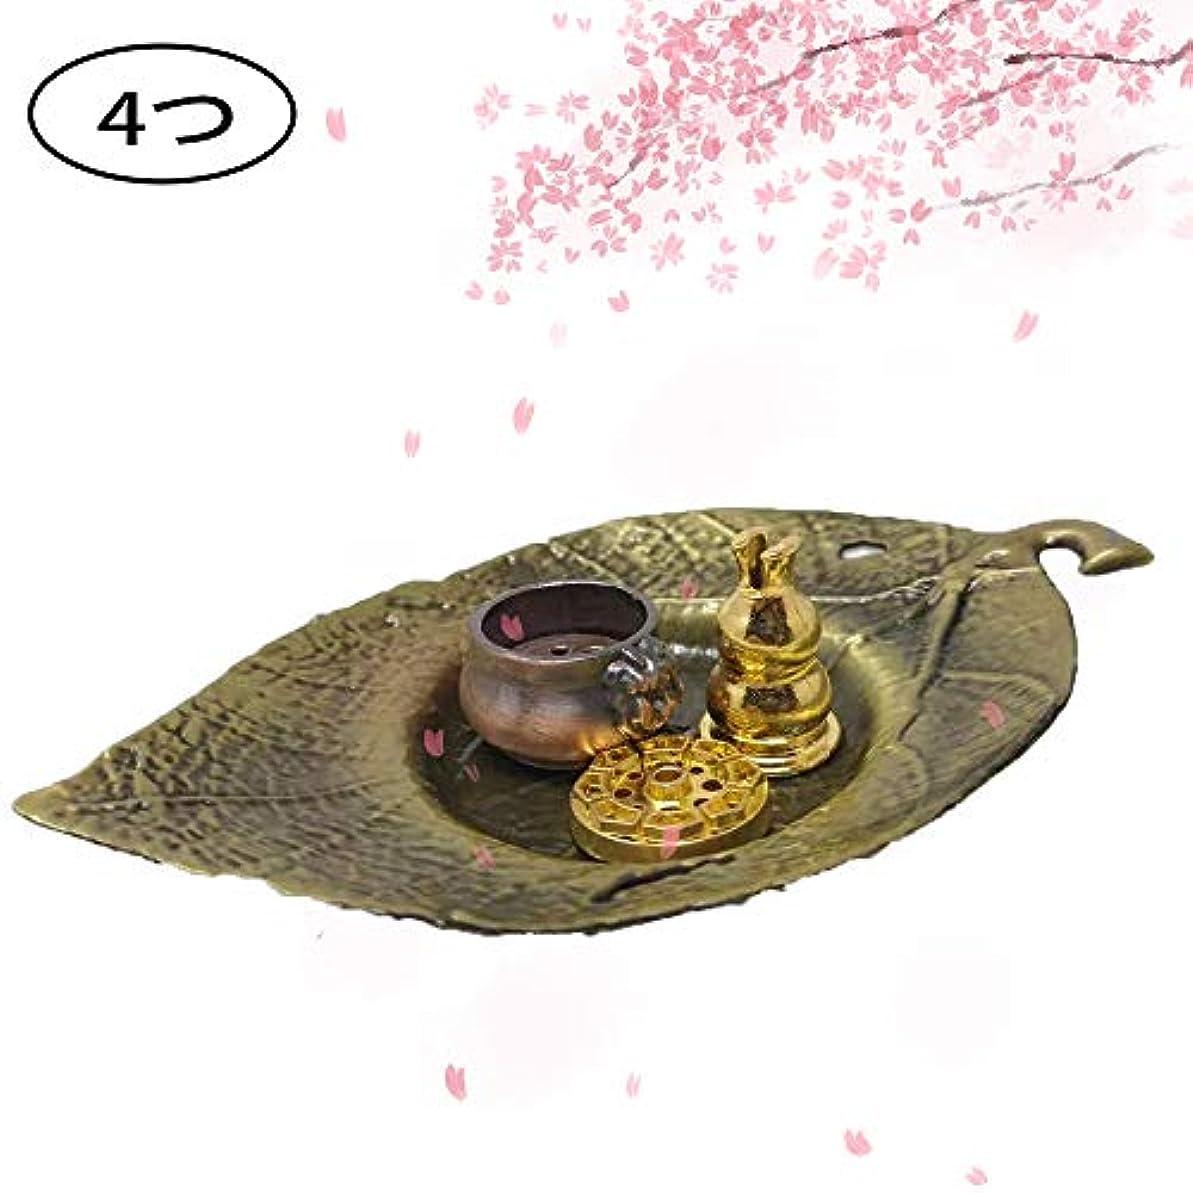 肌笑果てしない線香立 お香立て 線香皿 香皿 合金香炉細め線香 スティック香対応 銅器香立 アロマテラピートレイ 多機能 熏香炉置物 金属製お香 仏壇用香炉